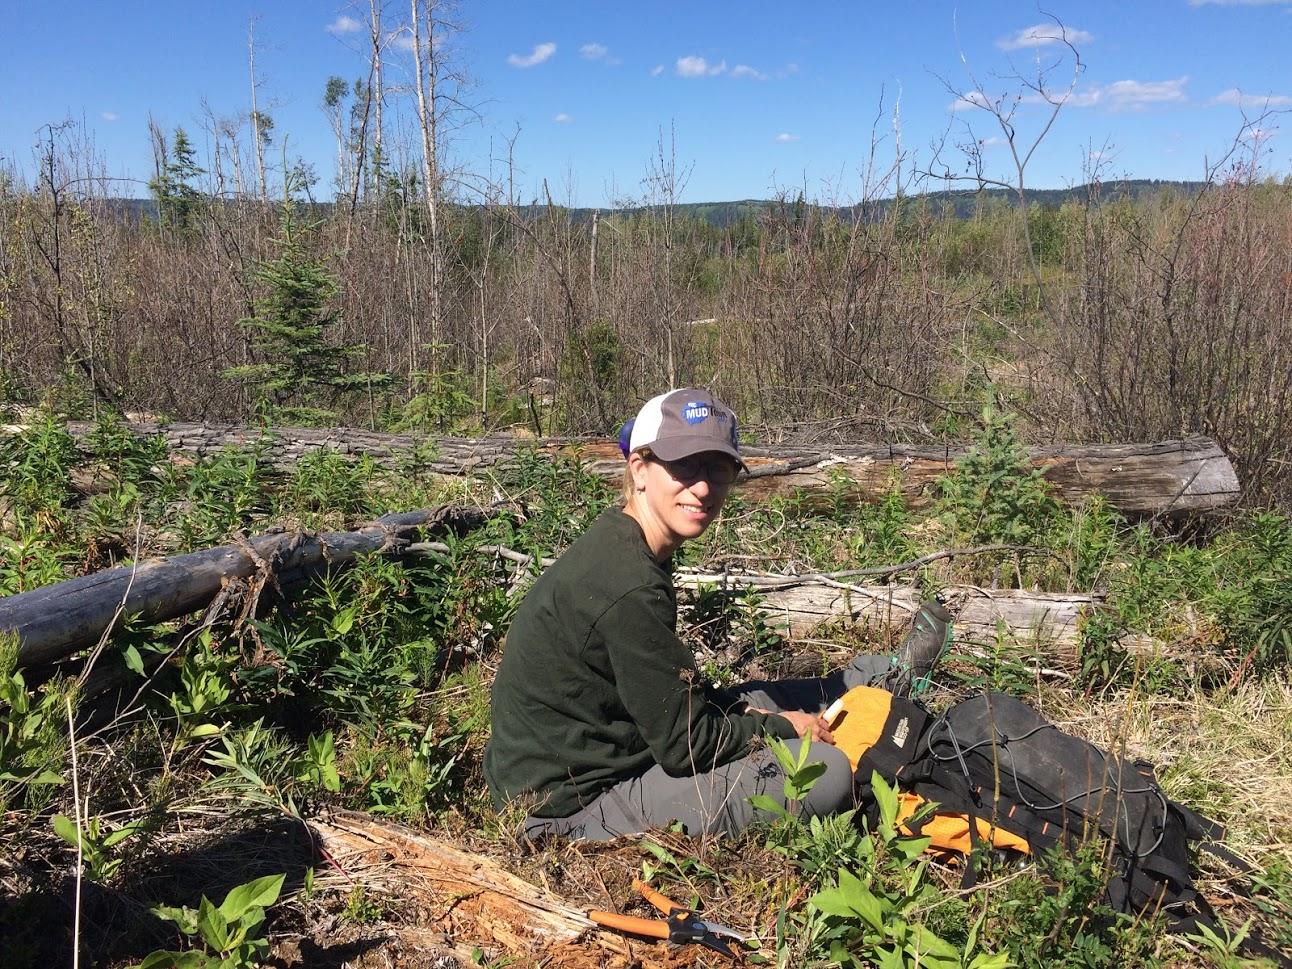 Lisa Wood field work